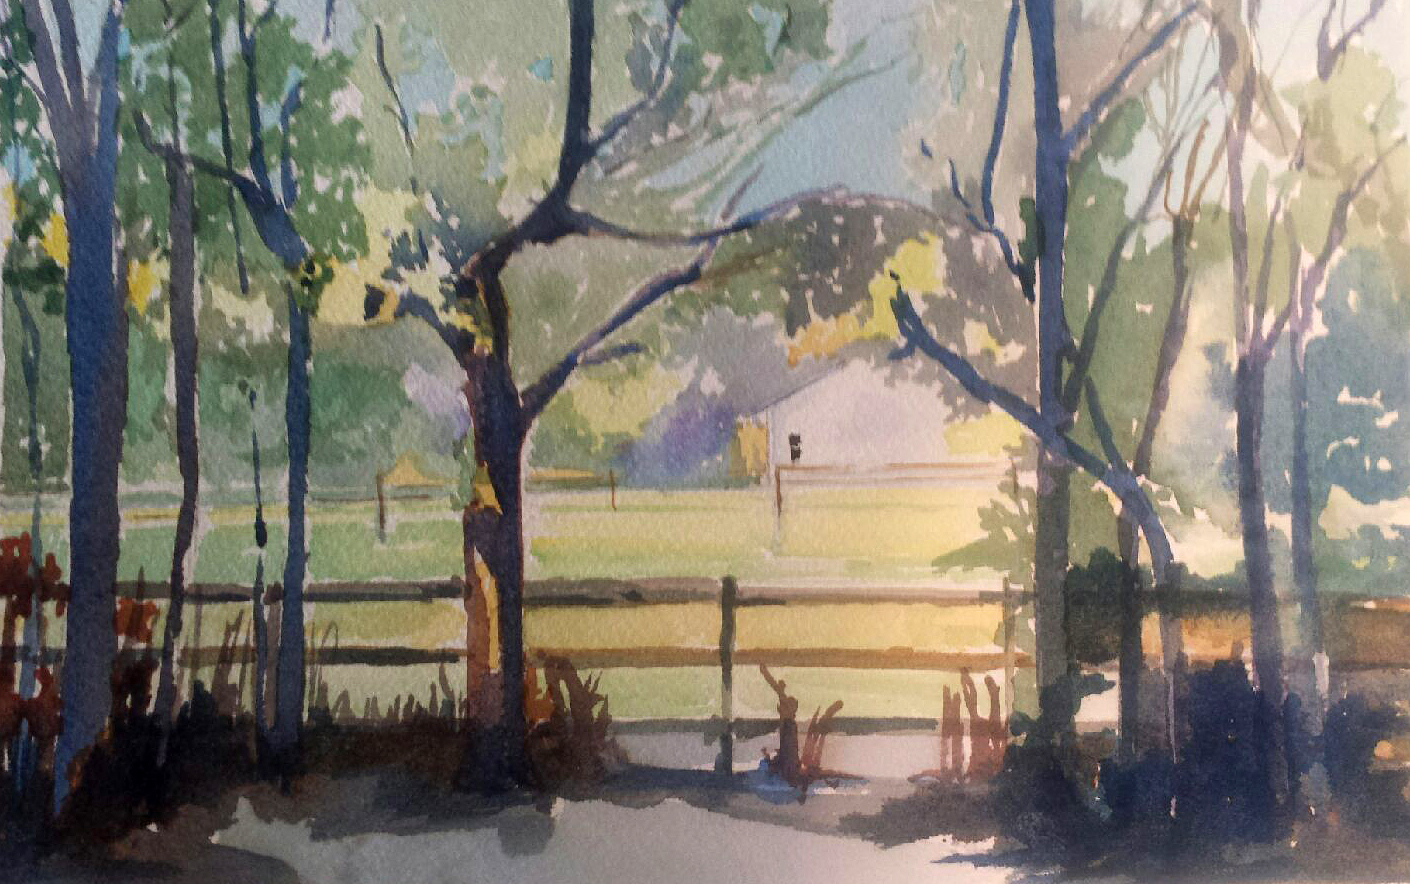 Nancy Johnson's Lynn's View